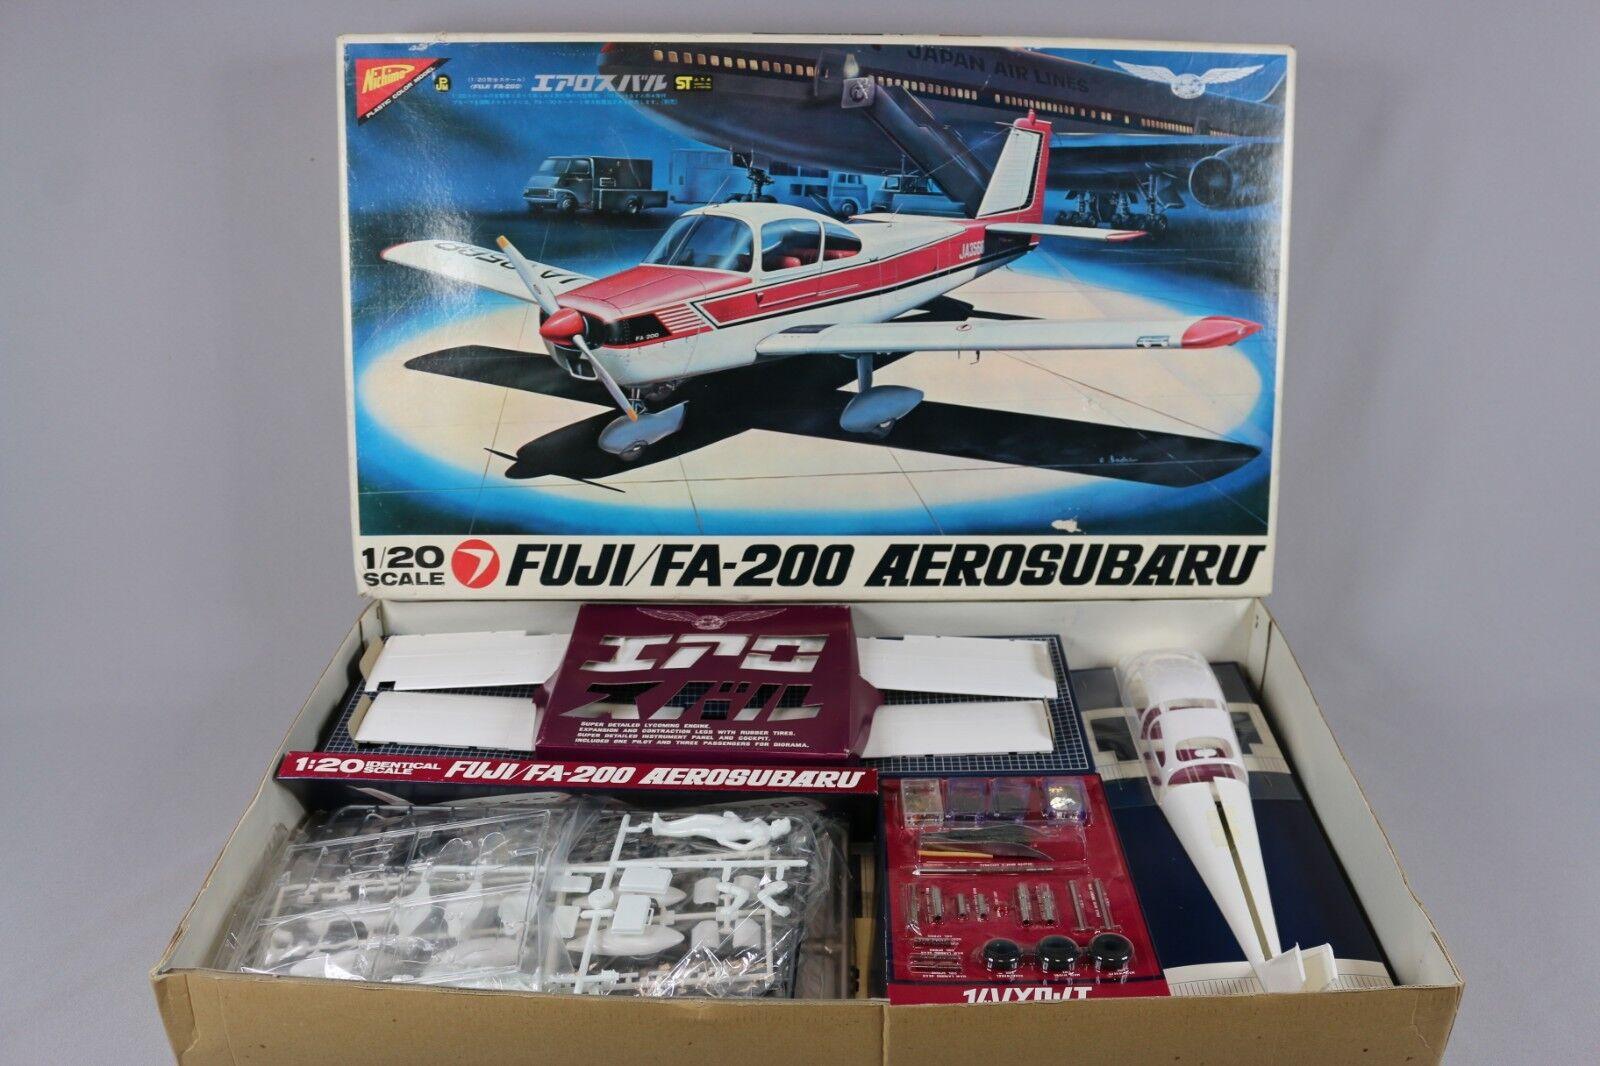 ニシモレア航空機キットビンテージF - 2001